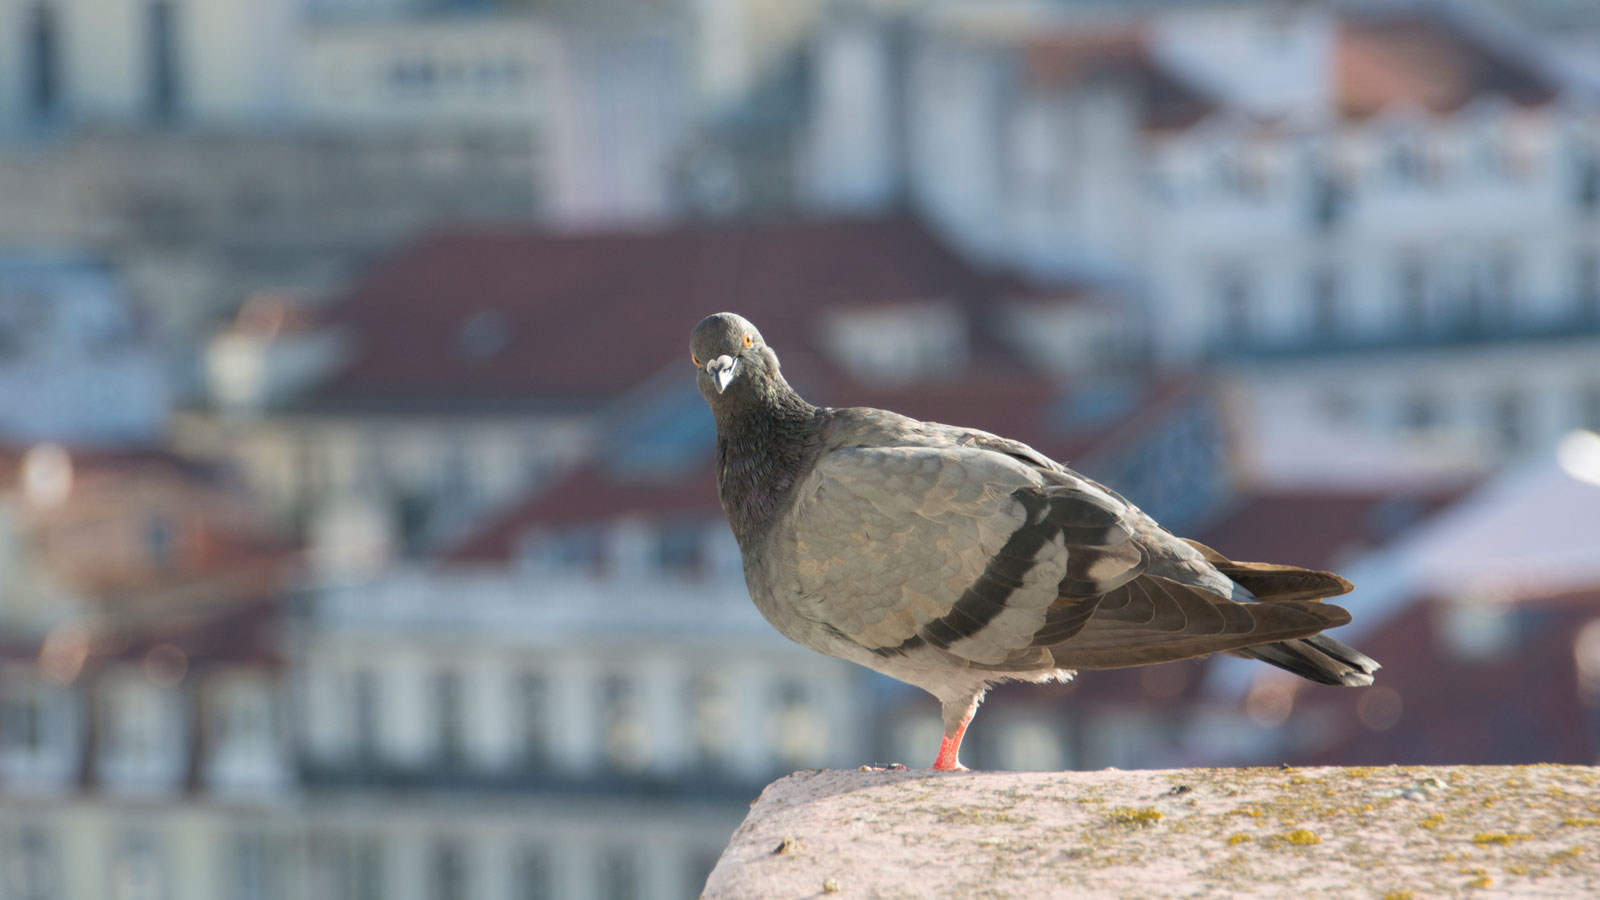 Dar comida a pombos é proibido e punível com coima em muitos municípios portugueses, como Lisboa e Porto.